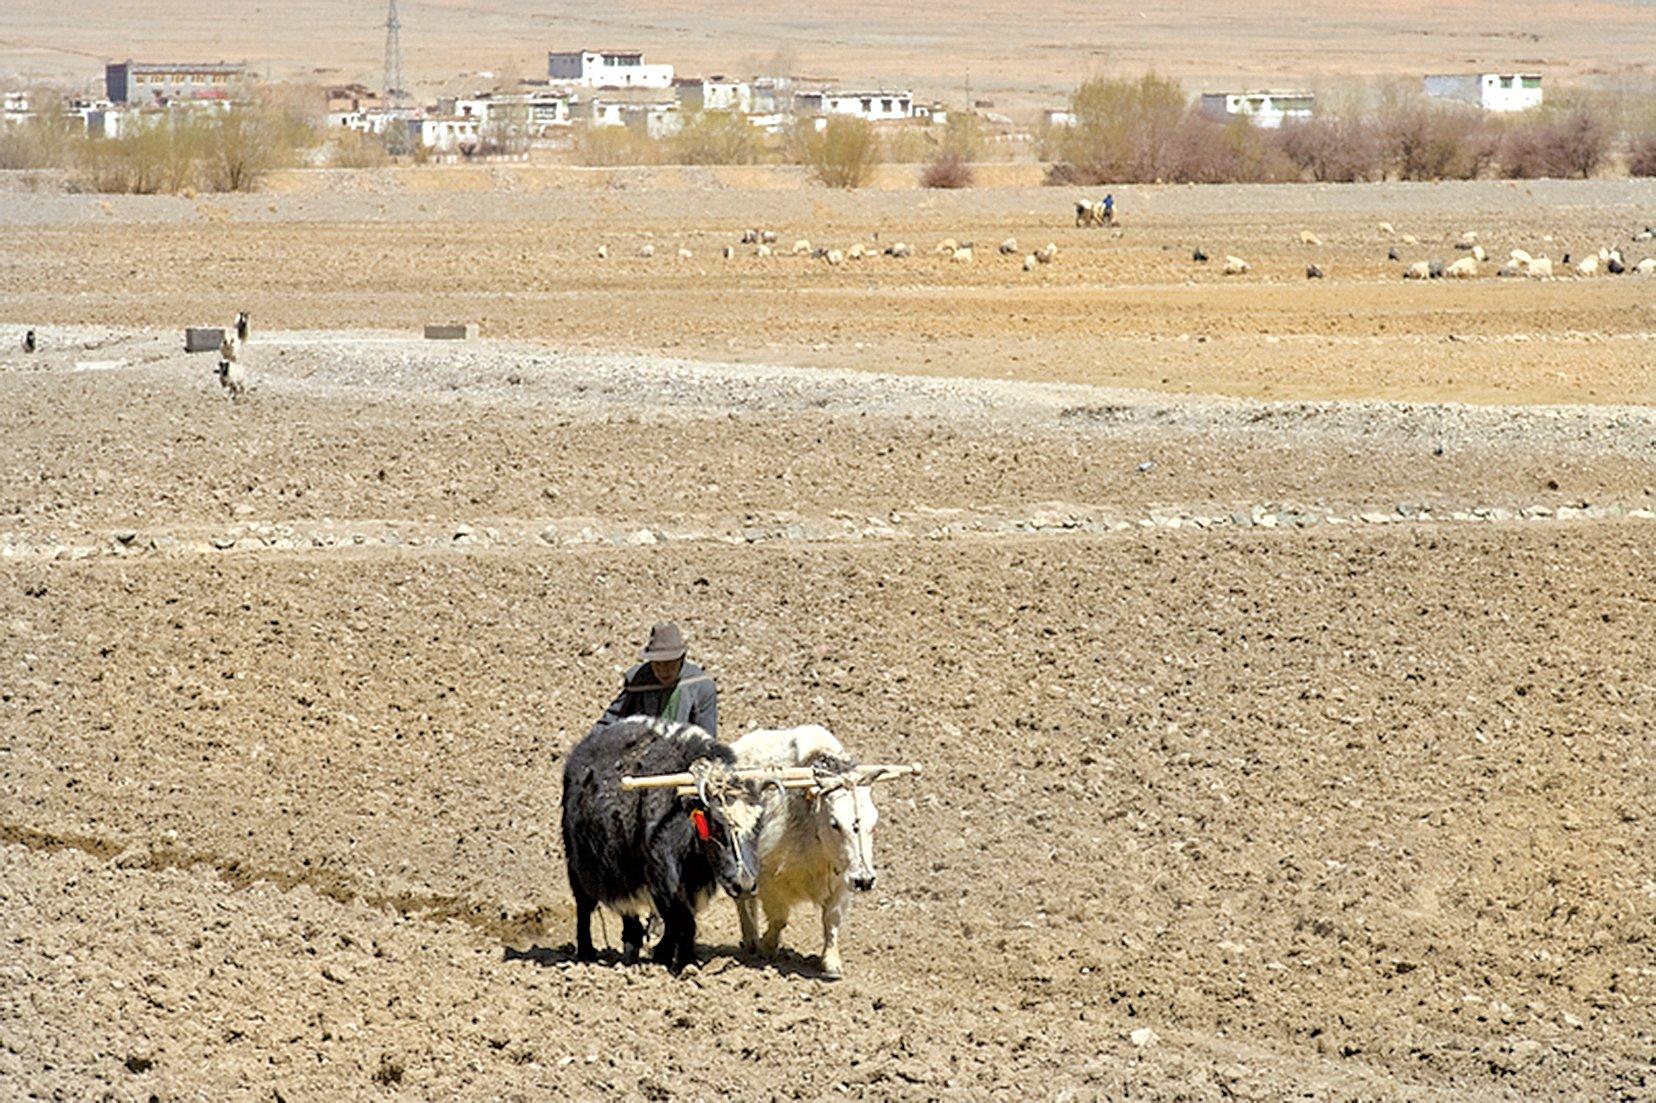 鐵牛的刀片快速在土地上翻攪時,對土地並不溫柔,比起用牛打田,鐵牛打田其實傷土地。(fotolia)